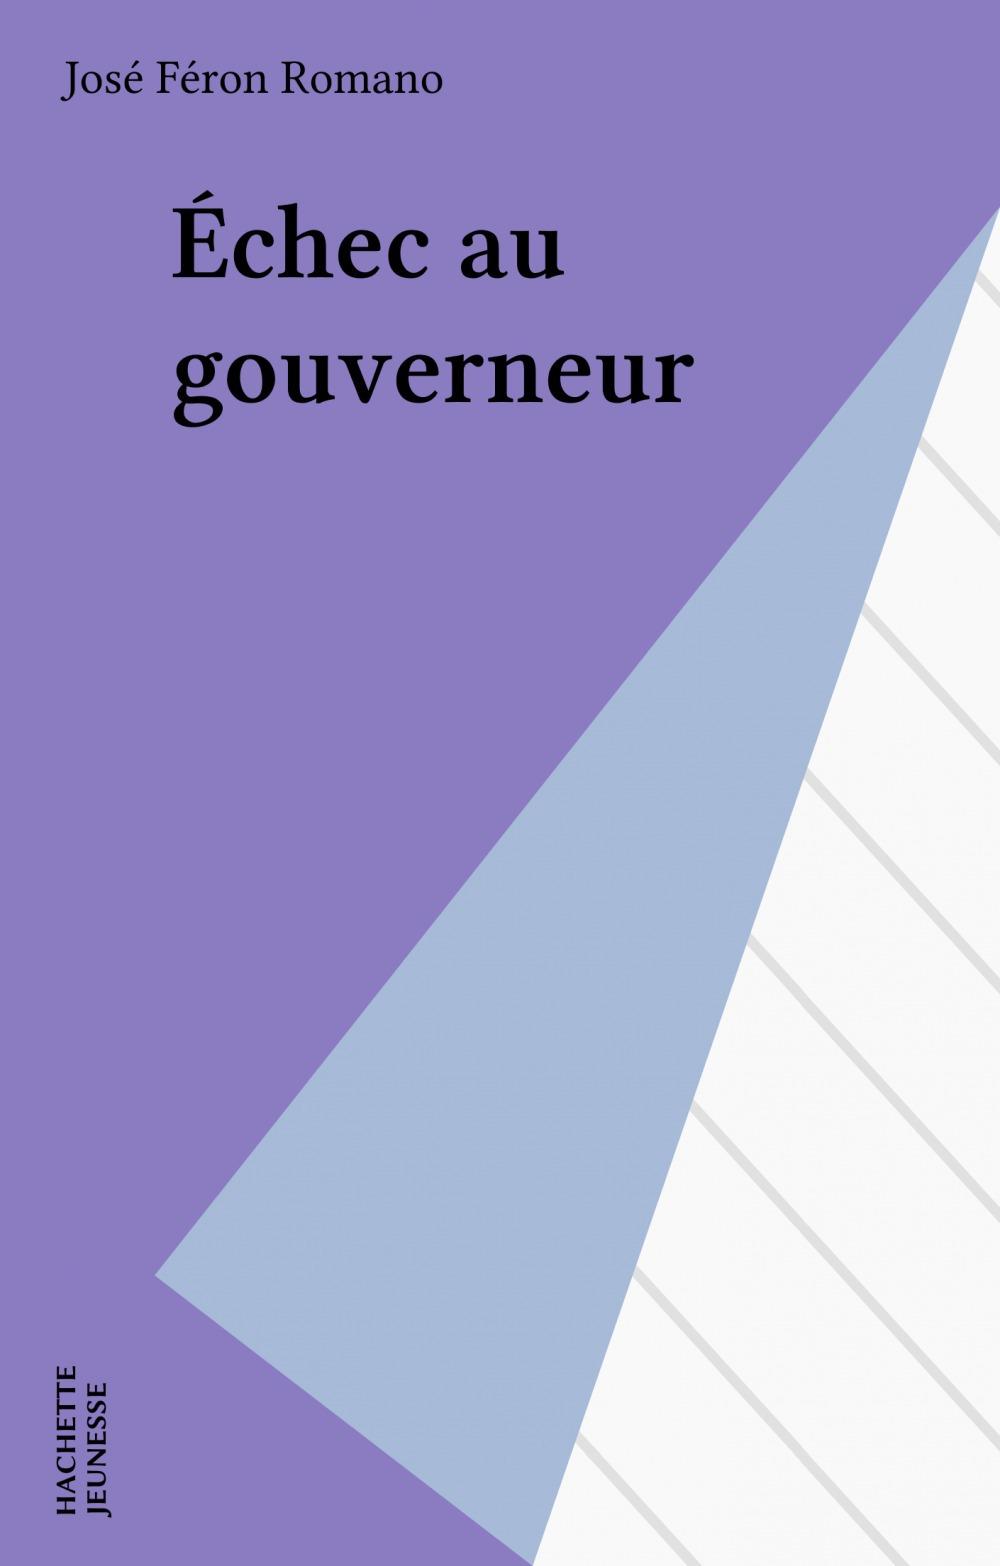 Echec au gouverneur